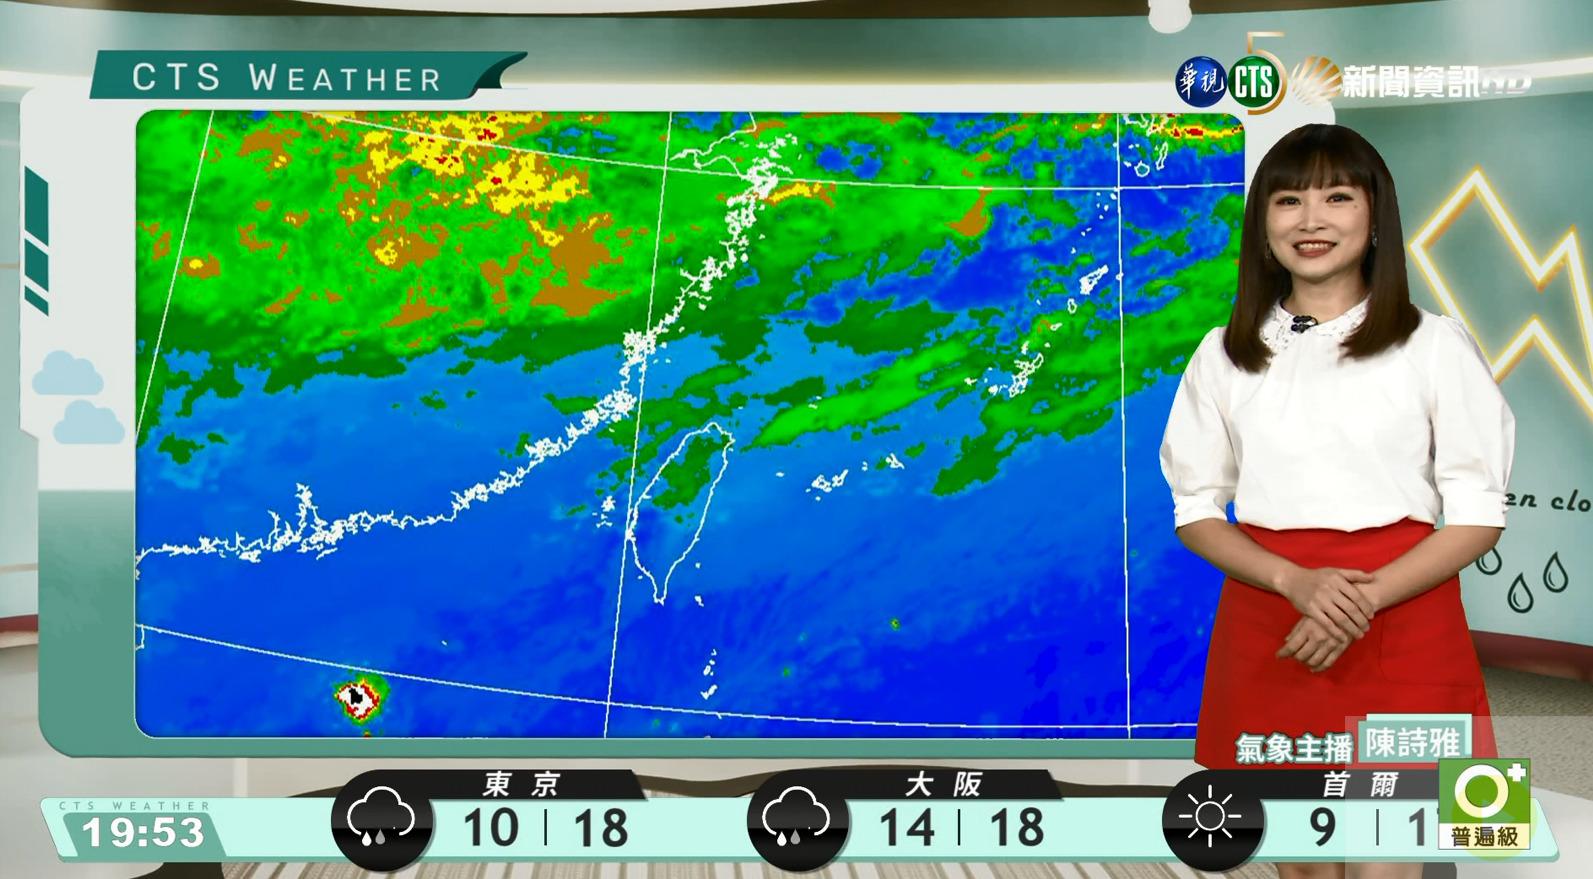 北東濕涼中南早晚涼 沿海離島風強浪大